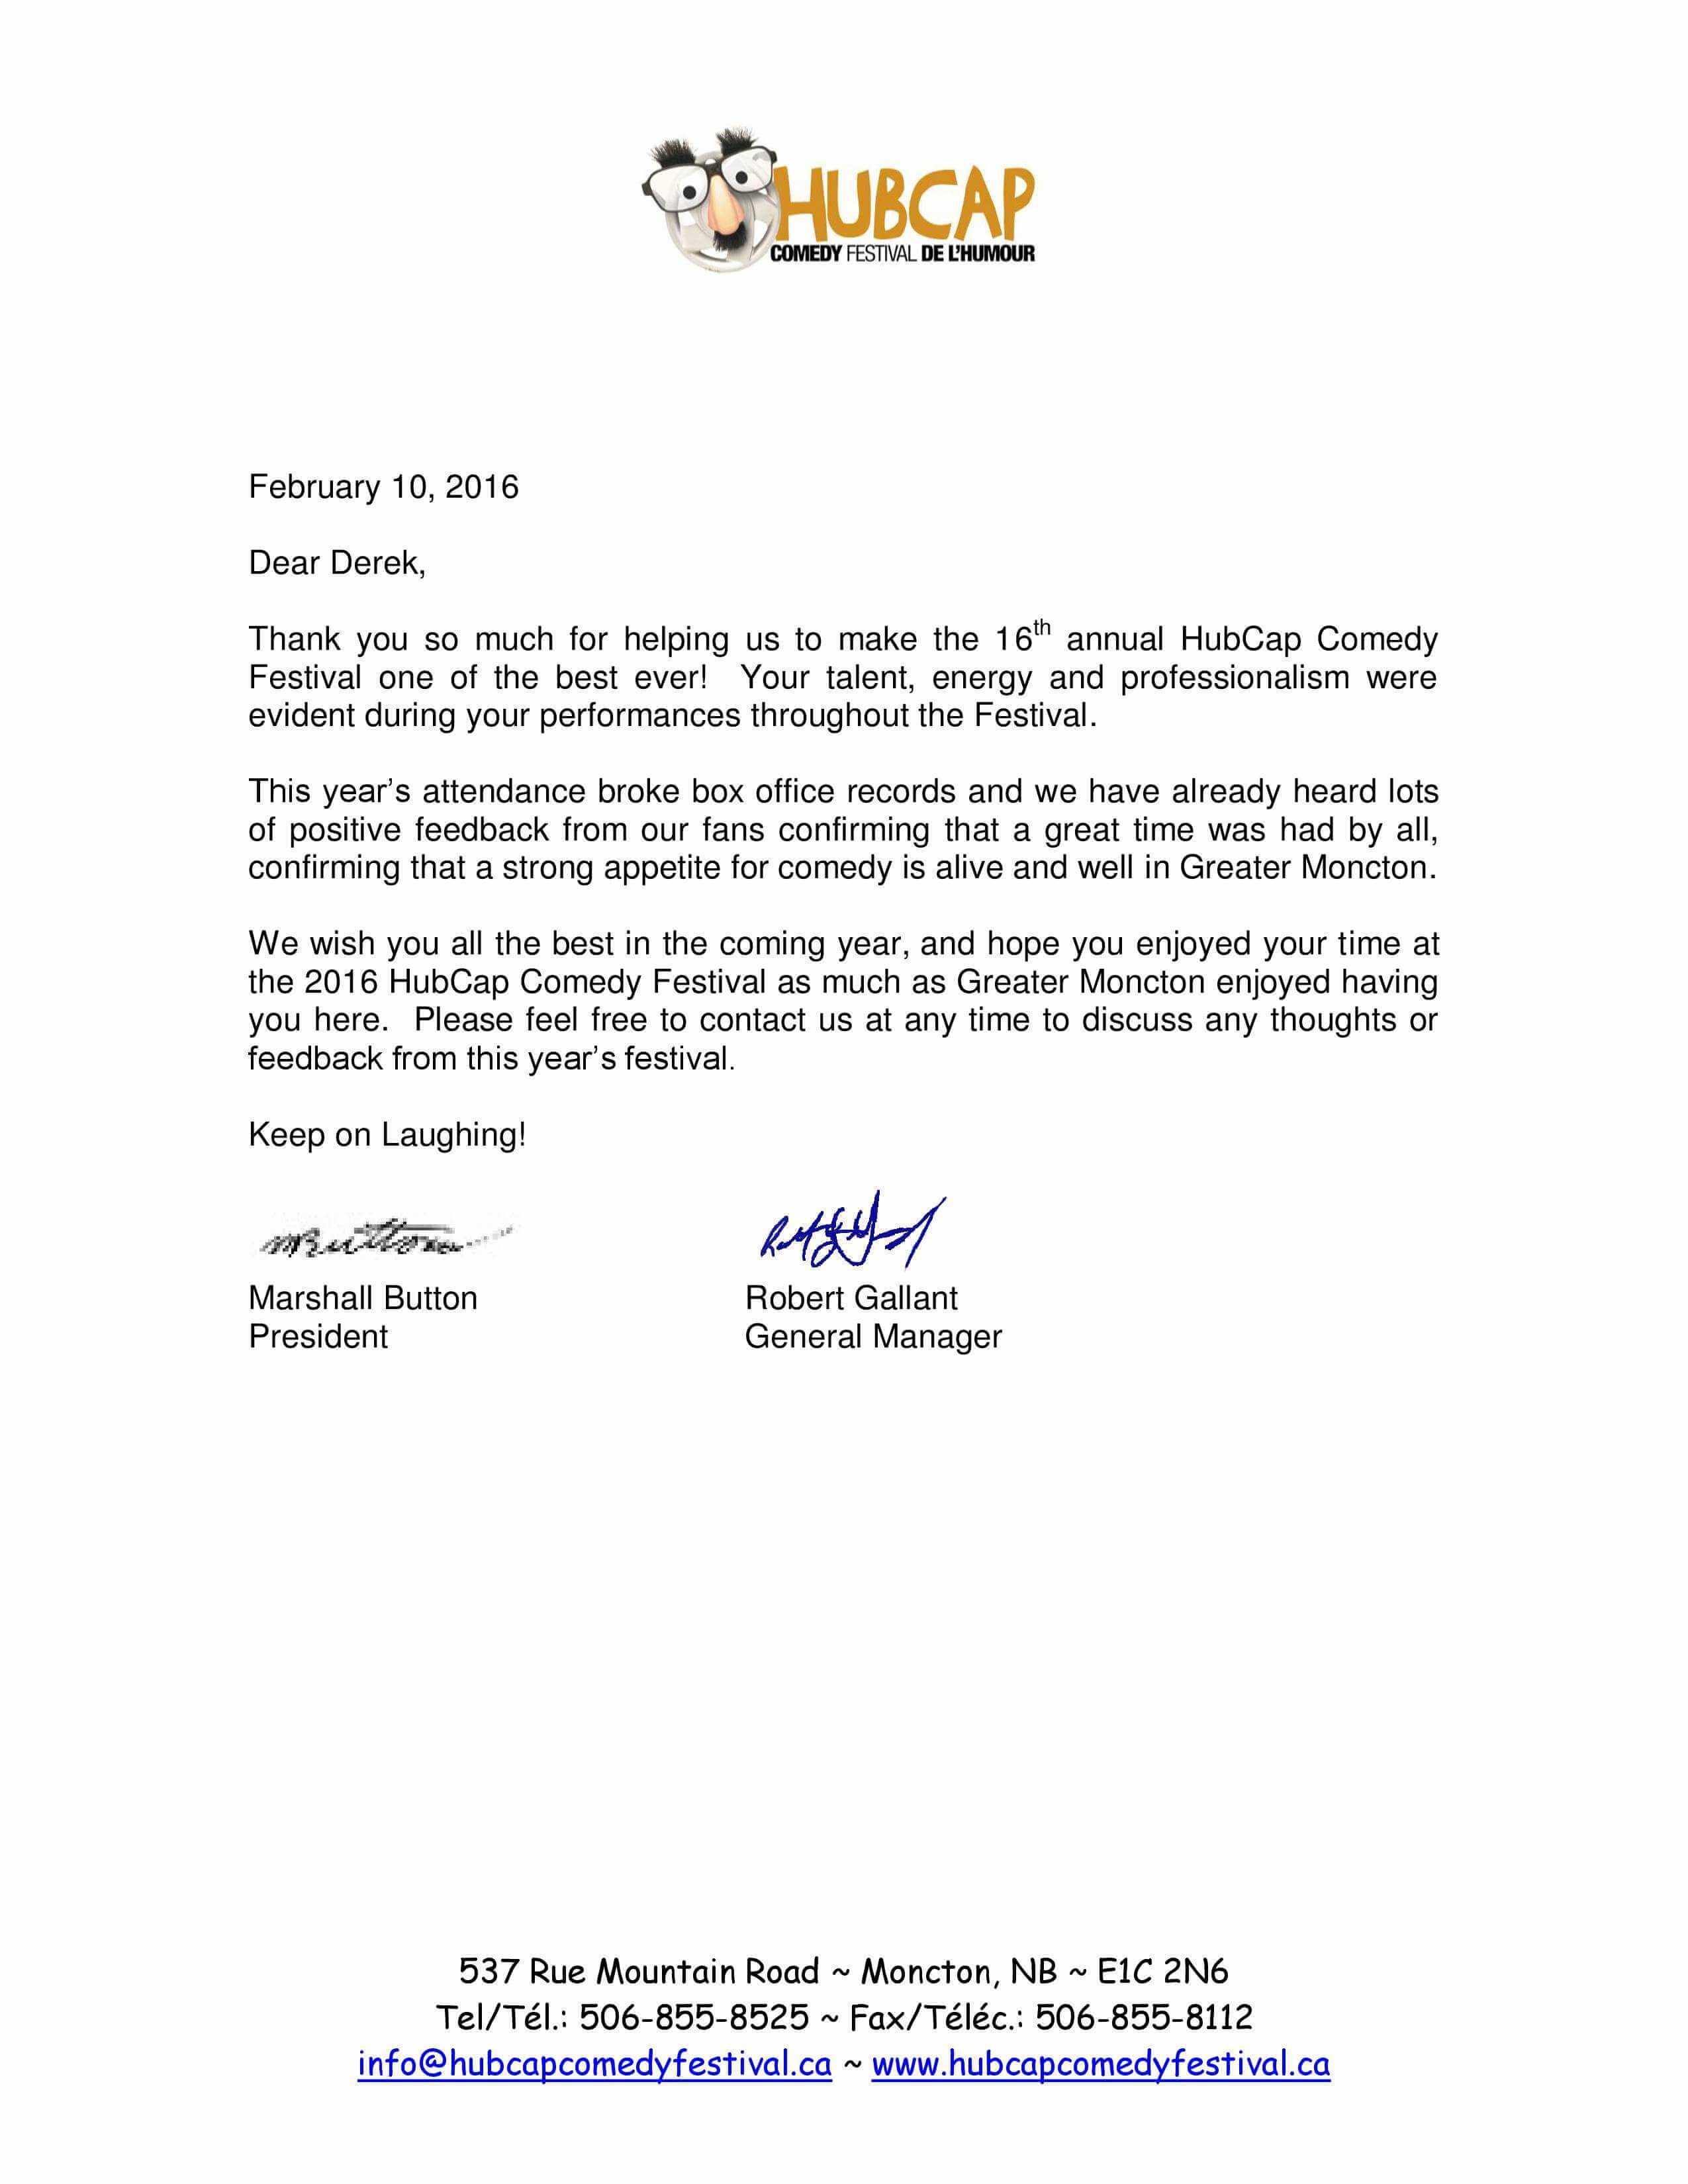 2016 thank you letter Seguin - Derek Seguin